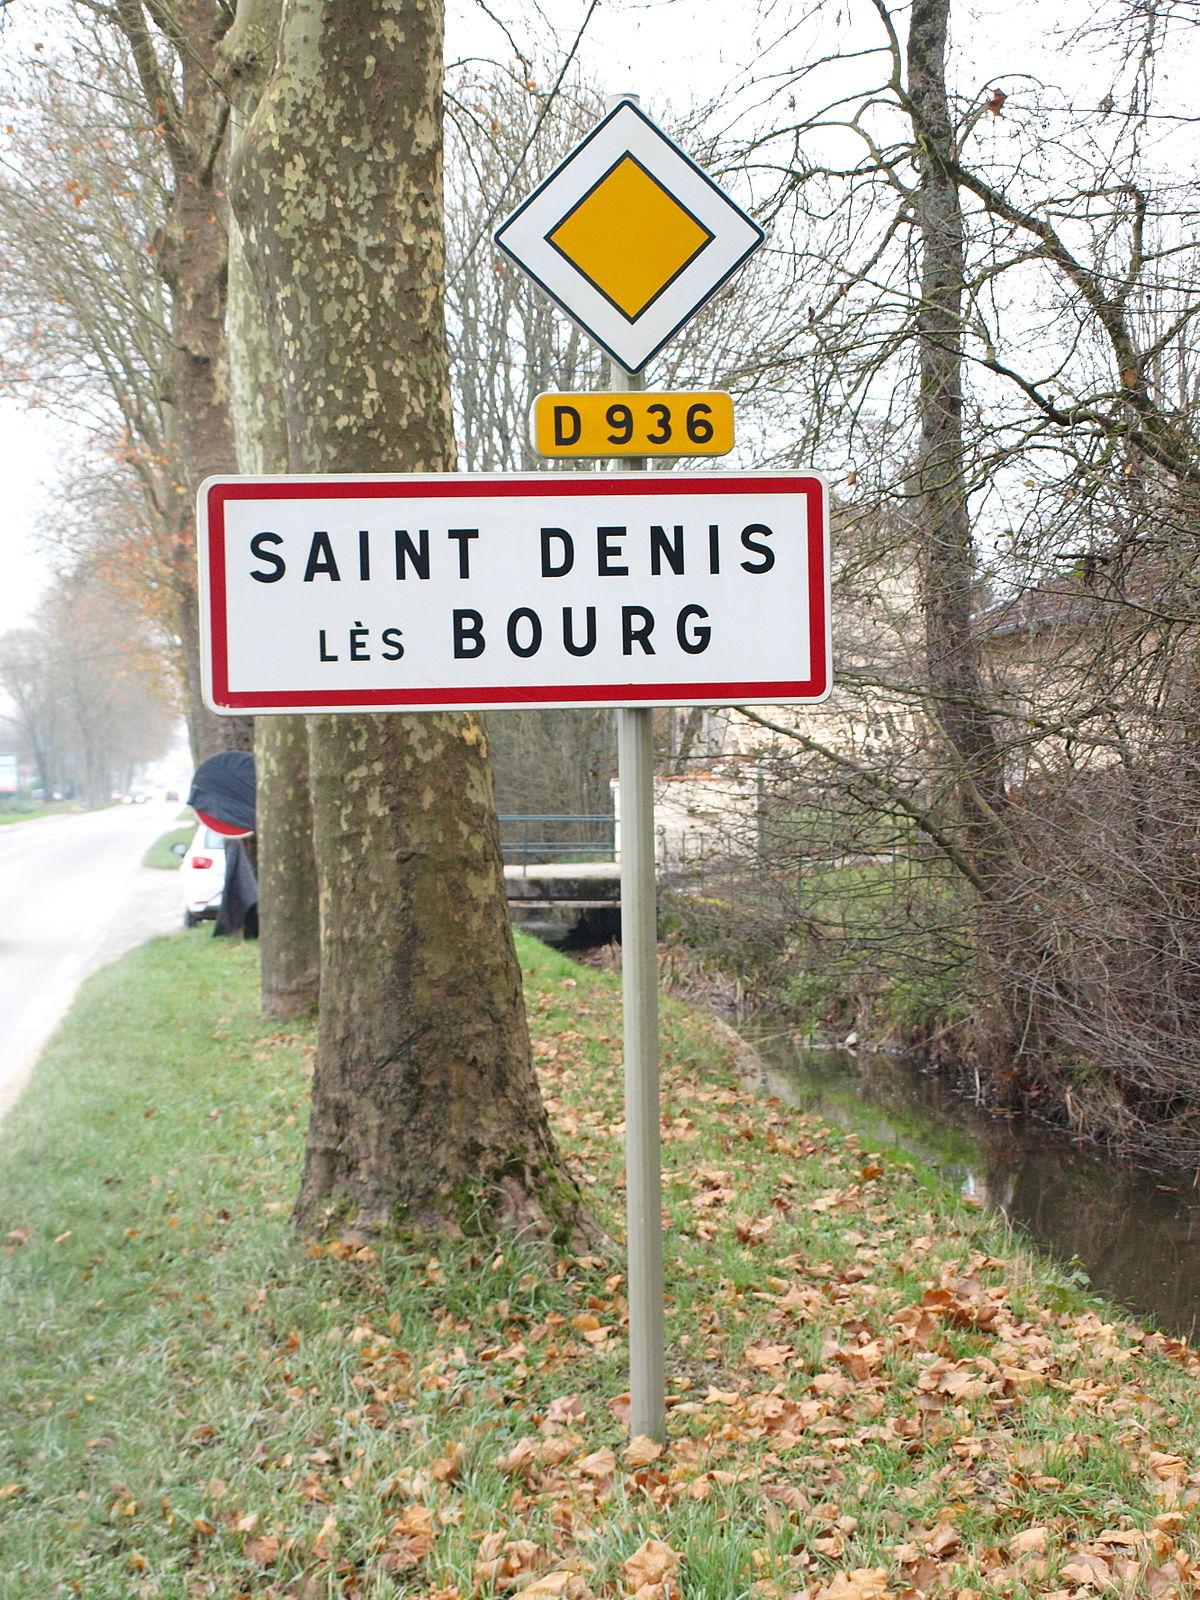 Saint denis l s bourg wikidata - Garage henri saint denis les bourg ...